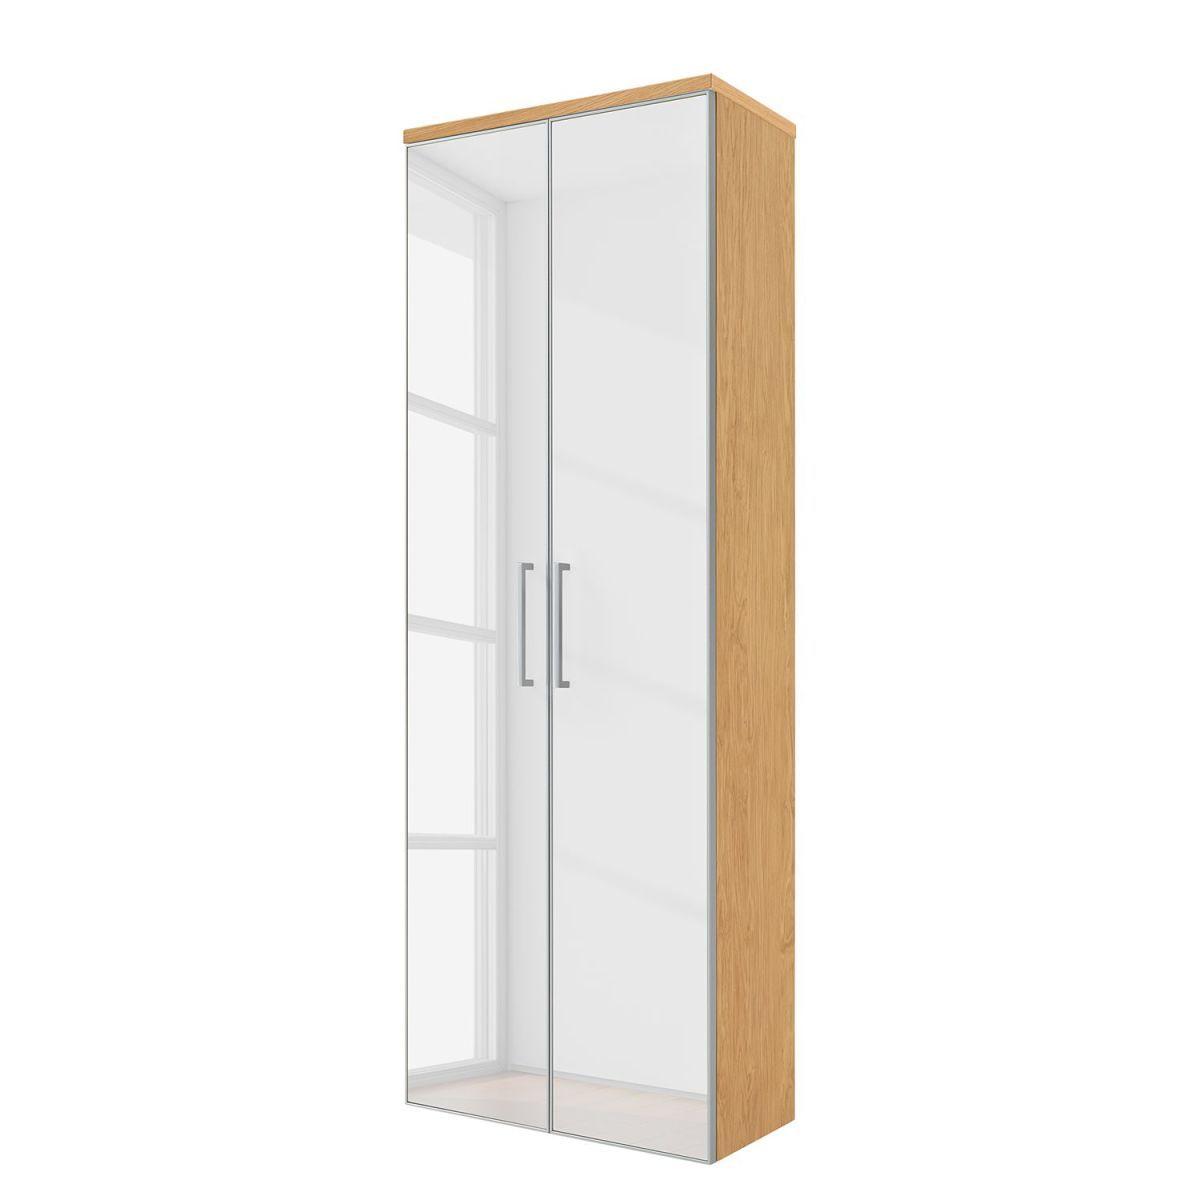 Hangeschrank Alavere Weiss Eiche Bianco Voss Jetzt Bestellen Unter Https Moebel Ladendirekt De Wohnzimme Tall Cabinet Storage Home Decor Storage Cabinet